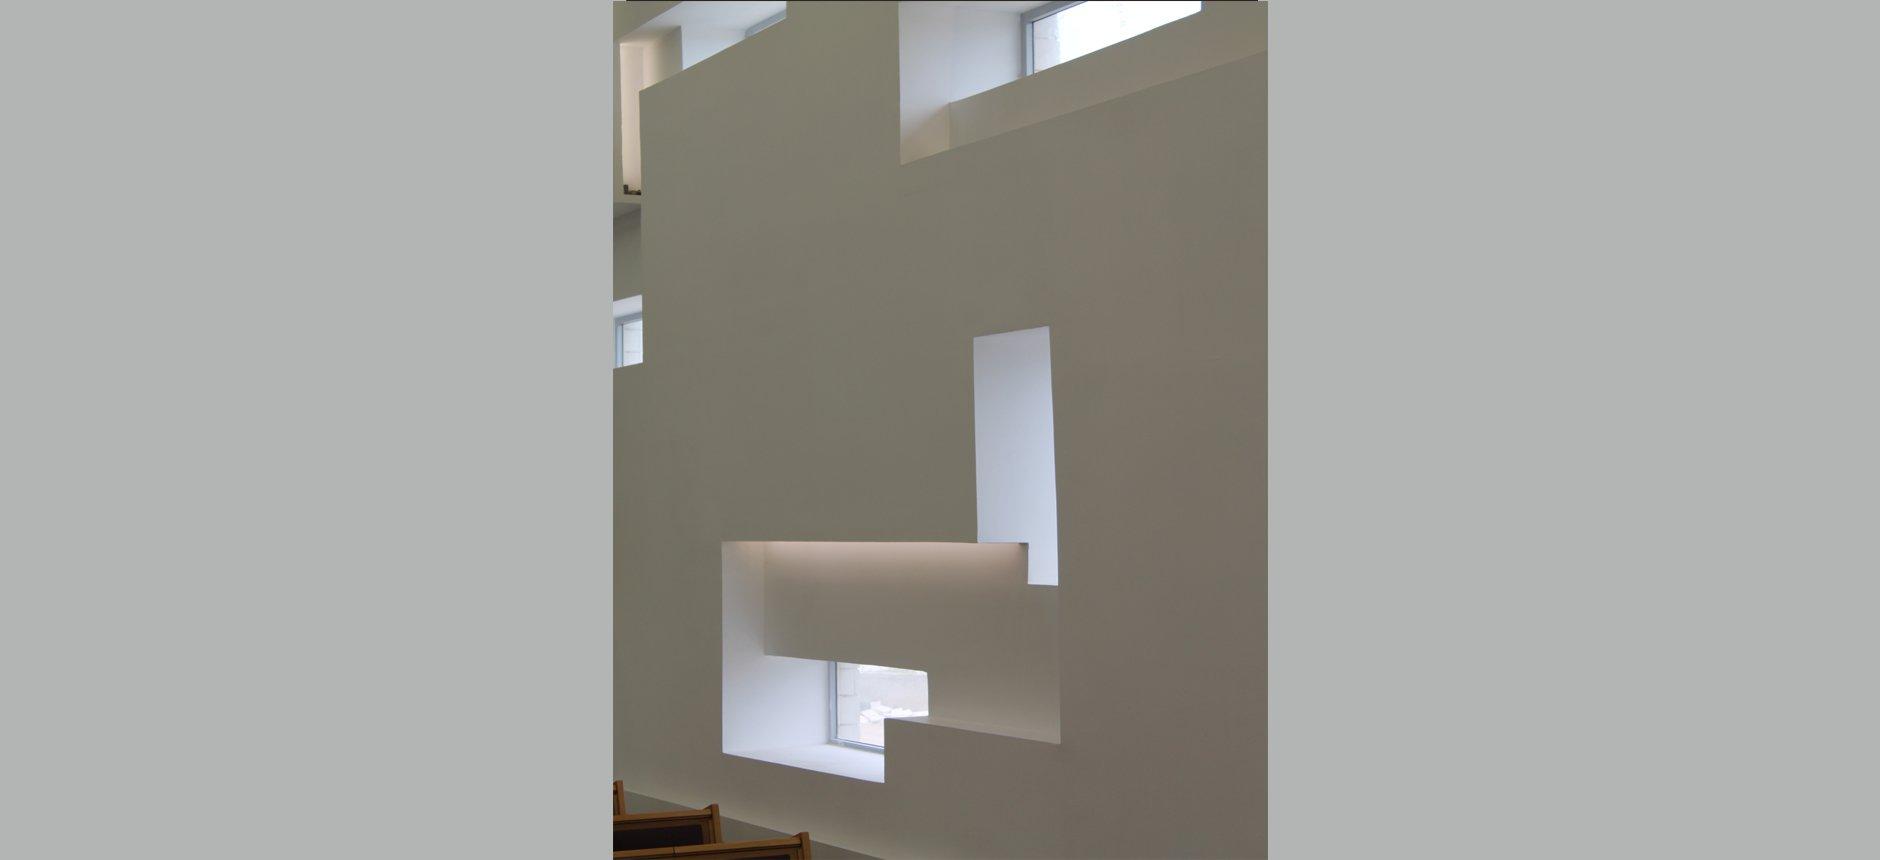 בית כנסת- אדריכל - אור